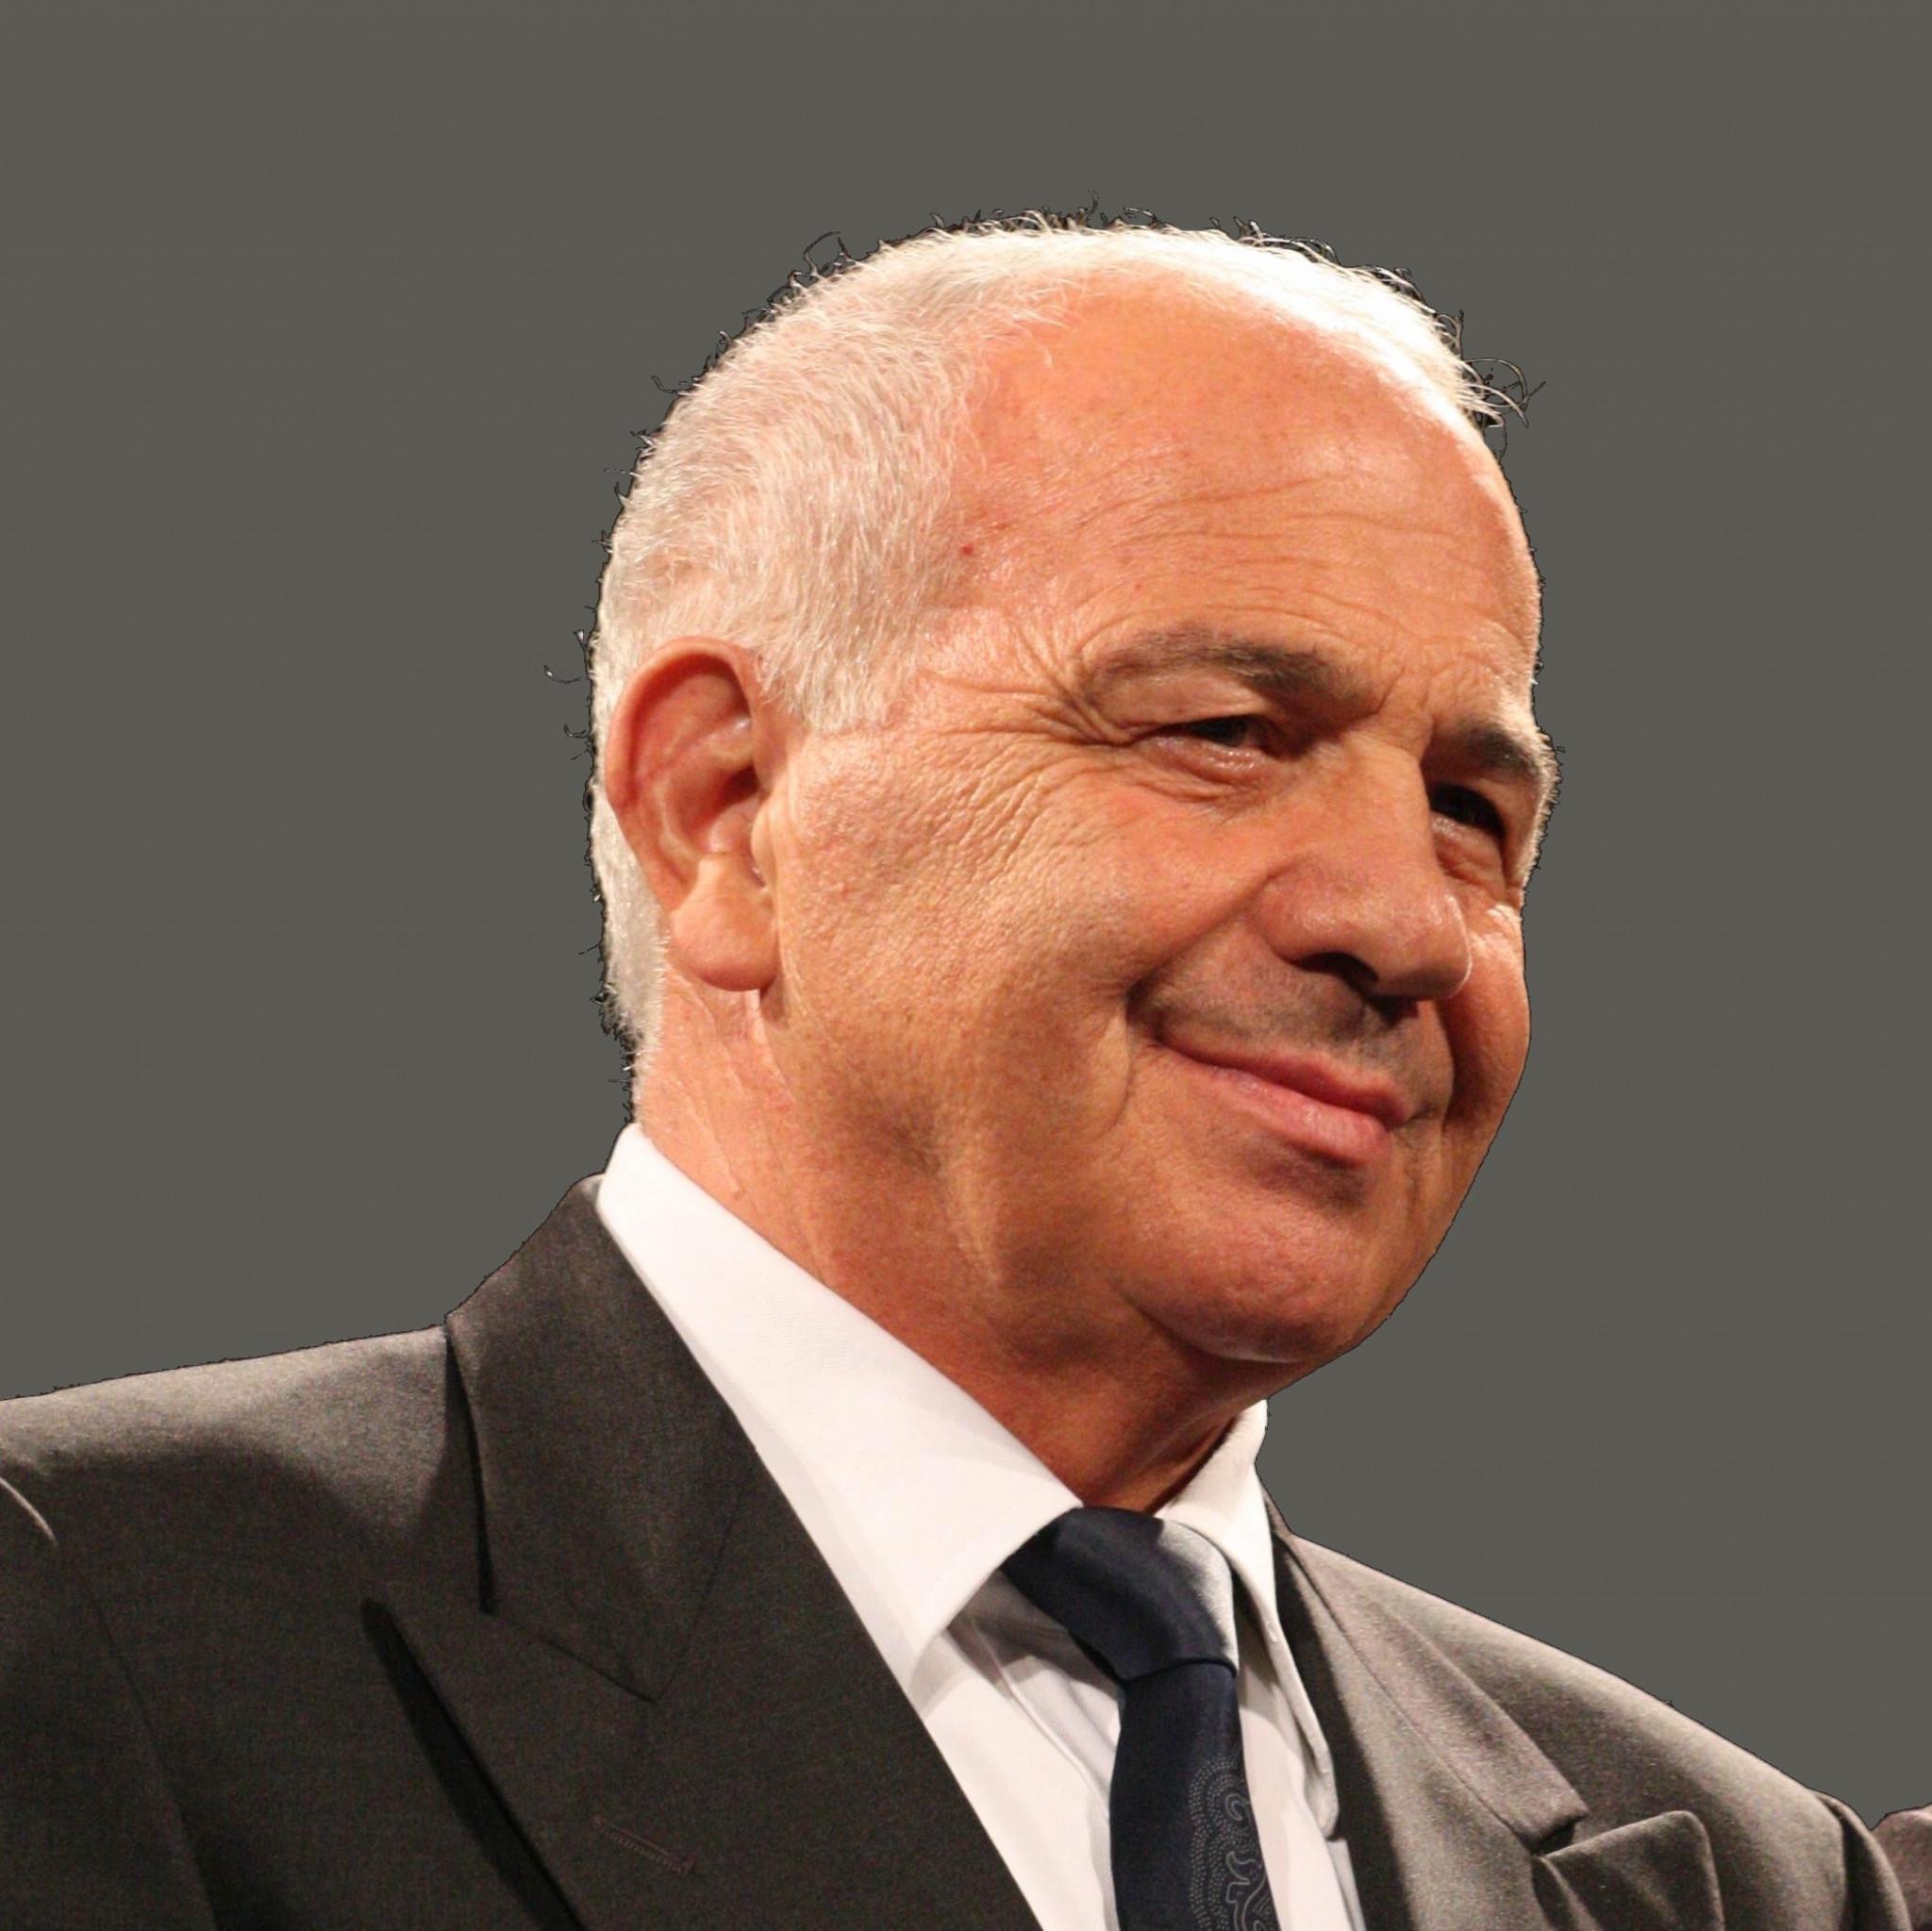 AIBA executive vice-president Franco Falcinelli has denied any wrongdoing ©AIBA